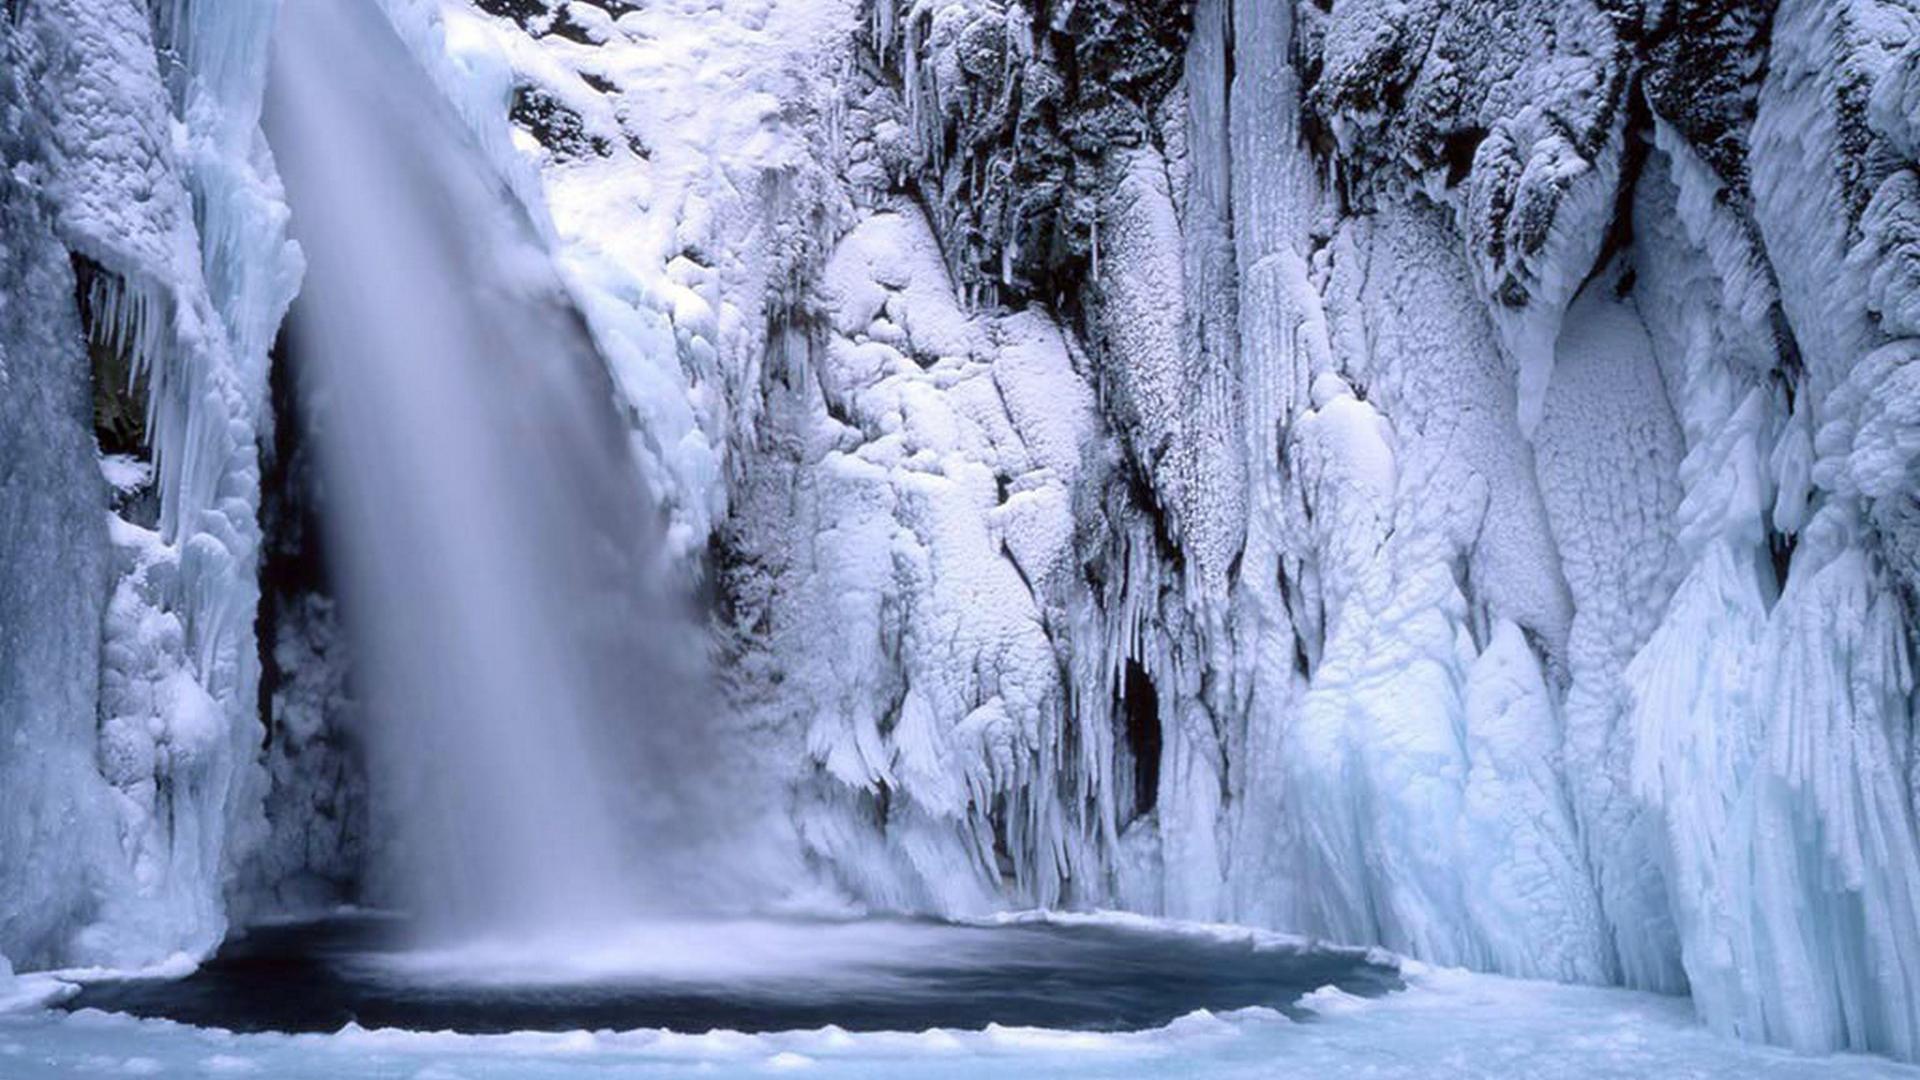 Winter Waterfall Desktop Wallpaper WallpaperSafari